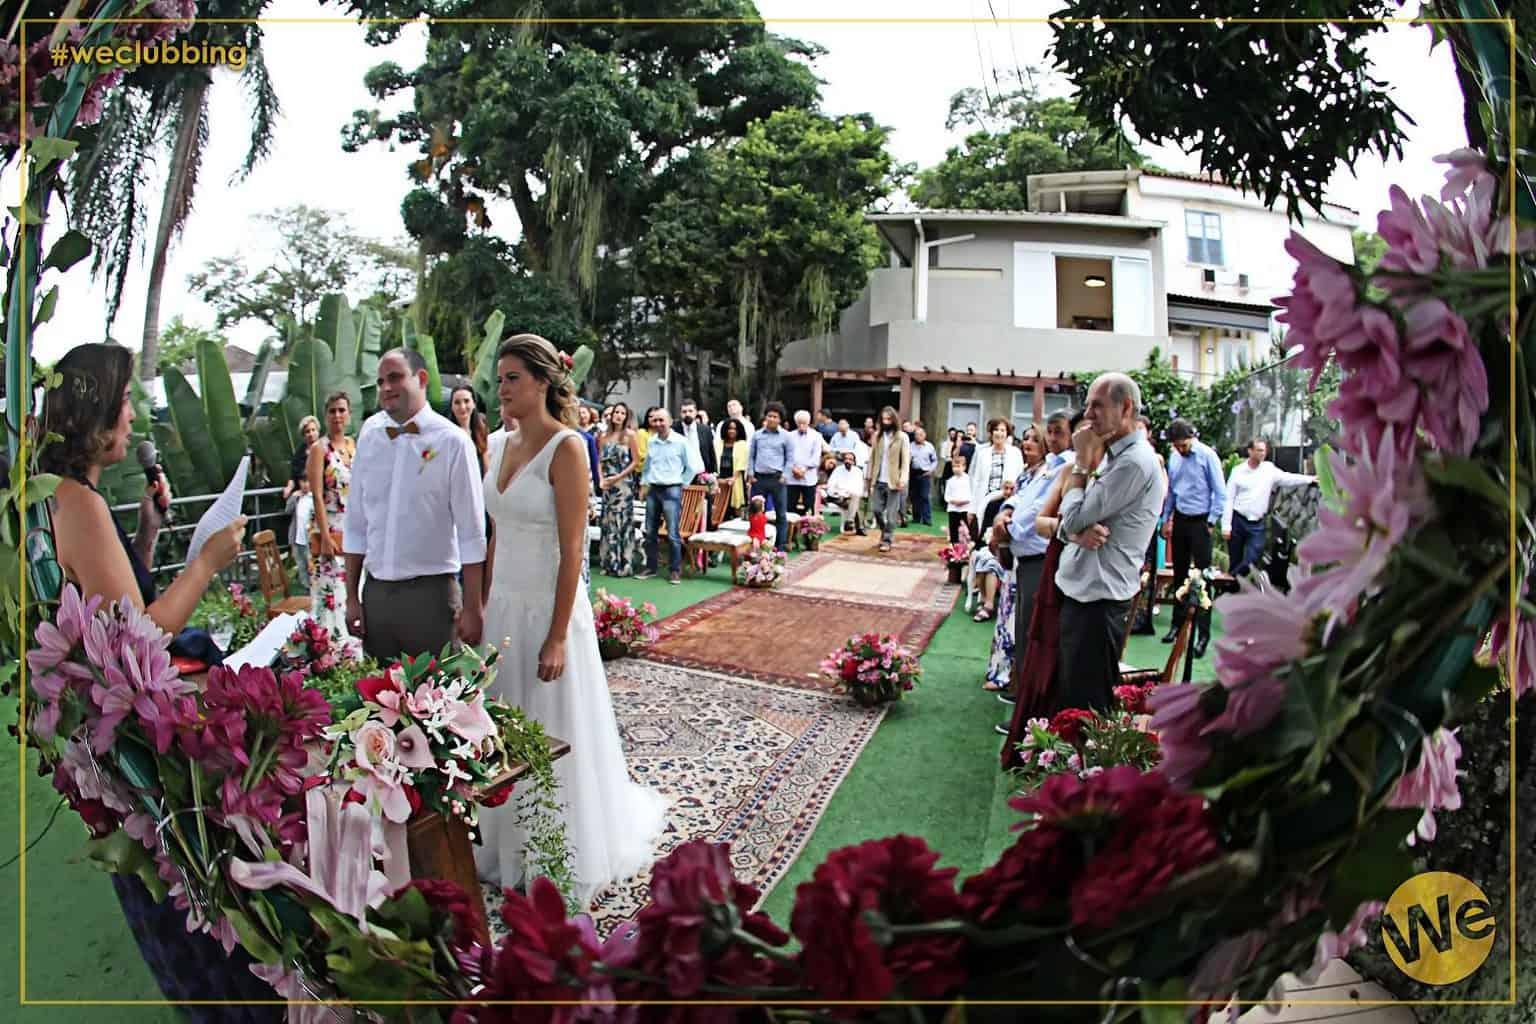 Casamento-Ianna-e-Daniel-Pousada-Saint-Martre-Santa-Teresa-2